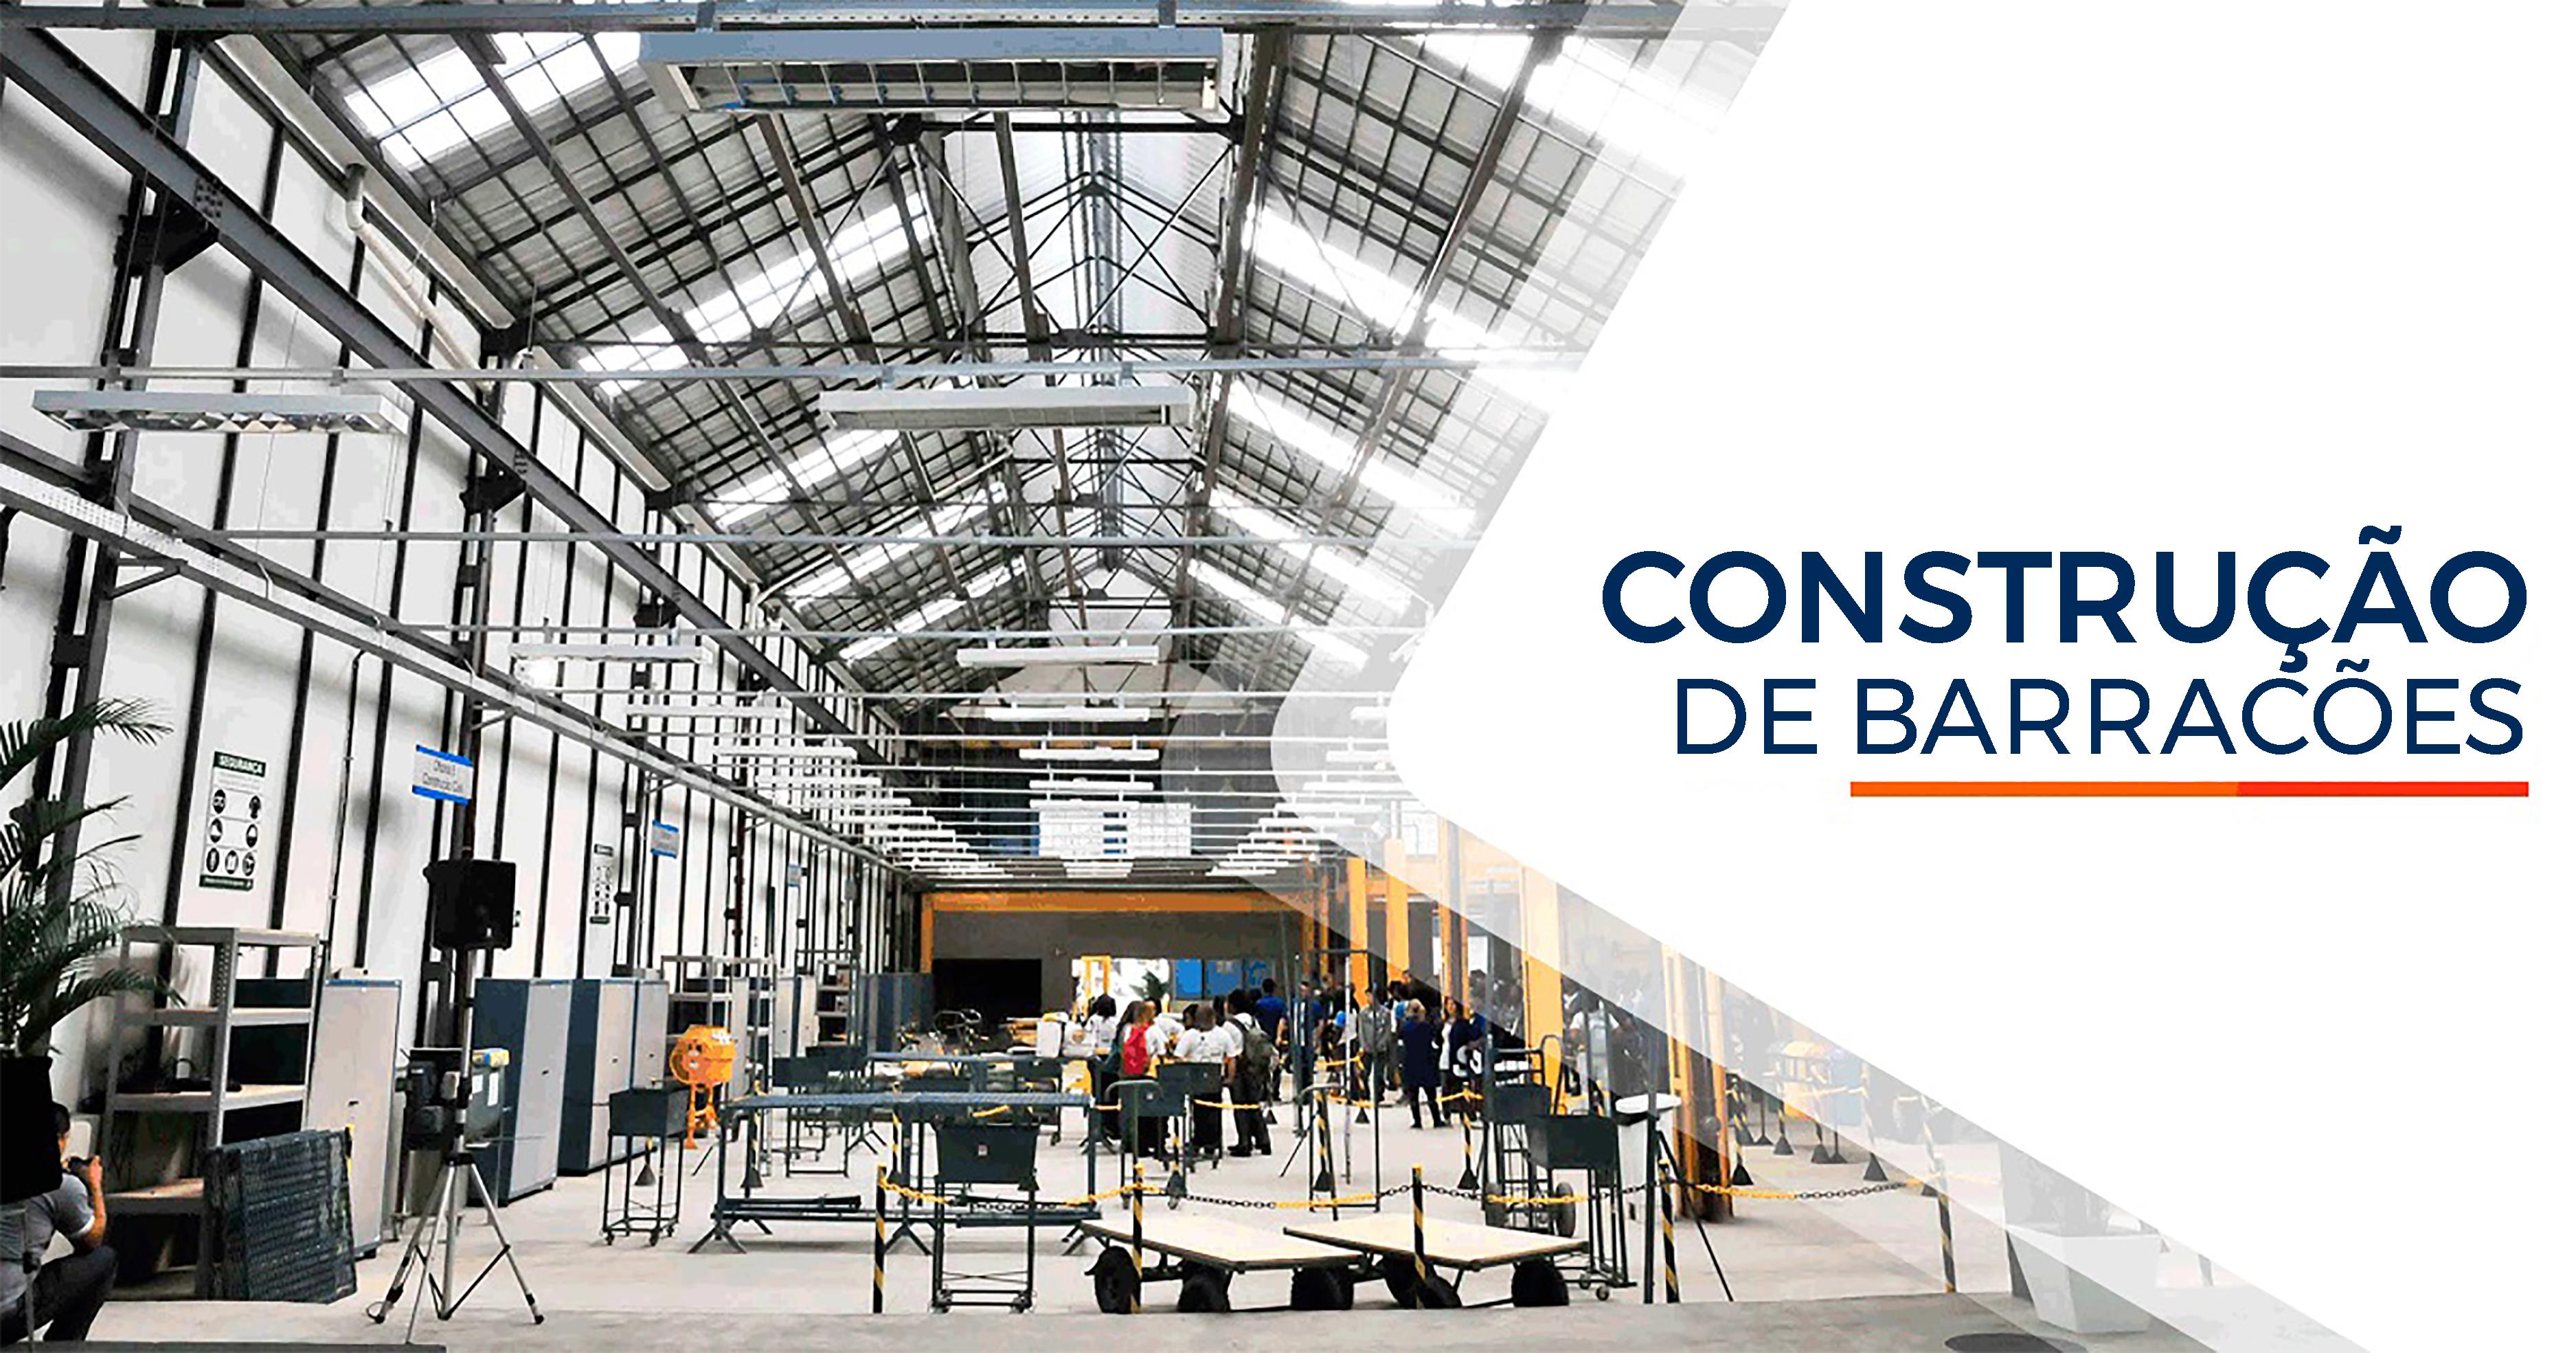 Construção de Barracões